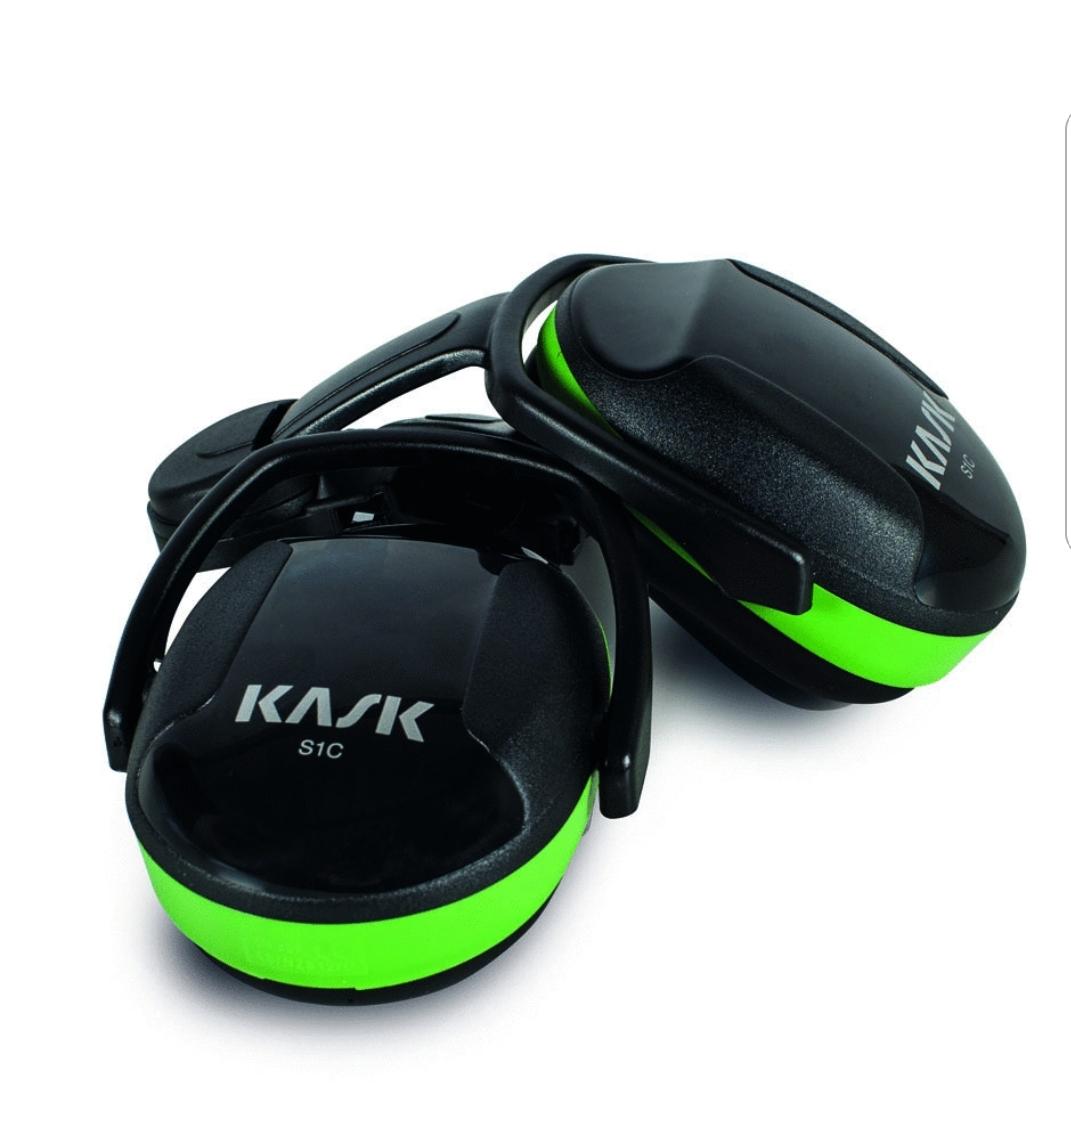 אוזניות מגן לקסדה Kask ירוק